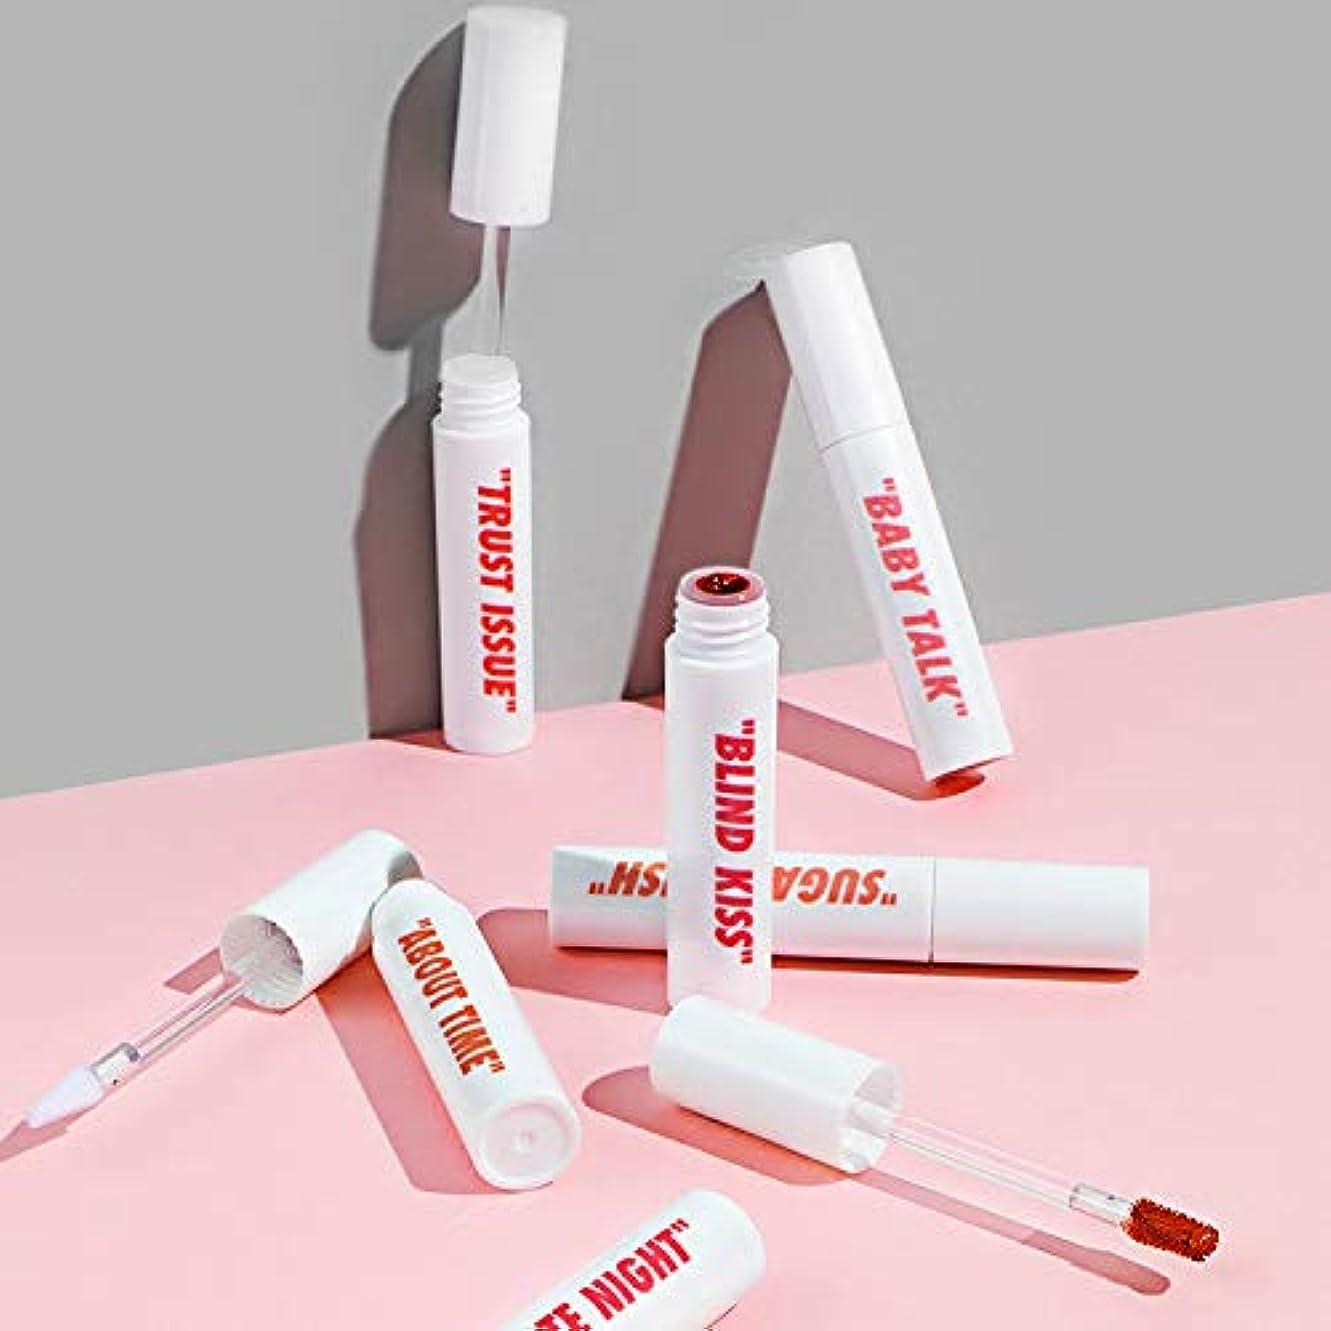 持ってる評価可能乗って【Candylab公式サイト】Candylab Creampop the Velvet Lip Color/クリームポップリップカラー/正品?海外直送商品 [並行輸入品] (#02 SUGAR RUSH)